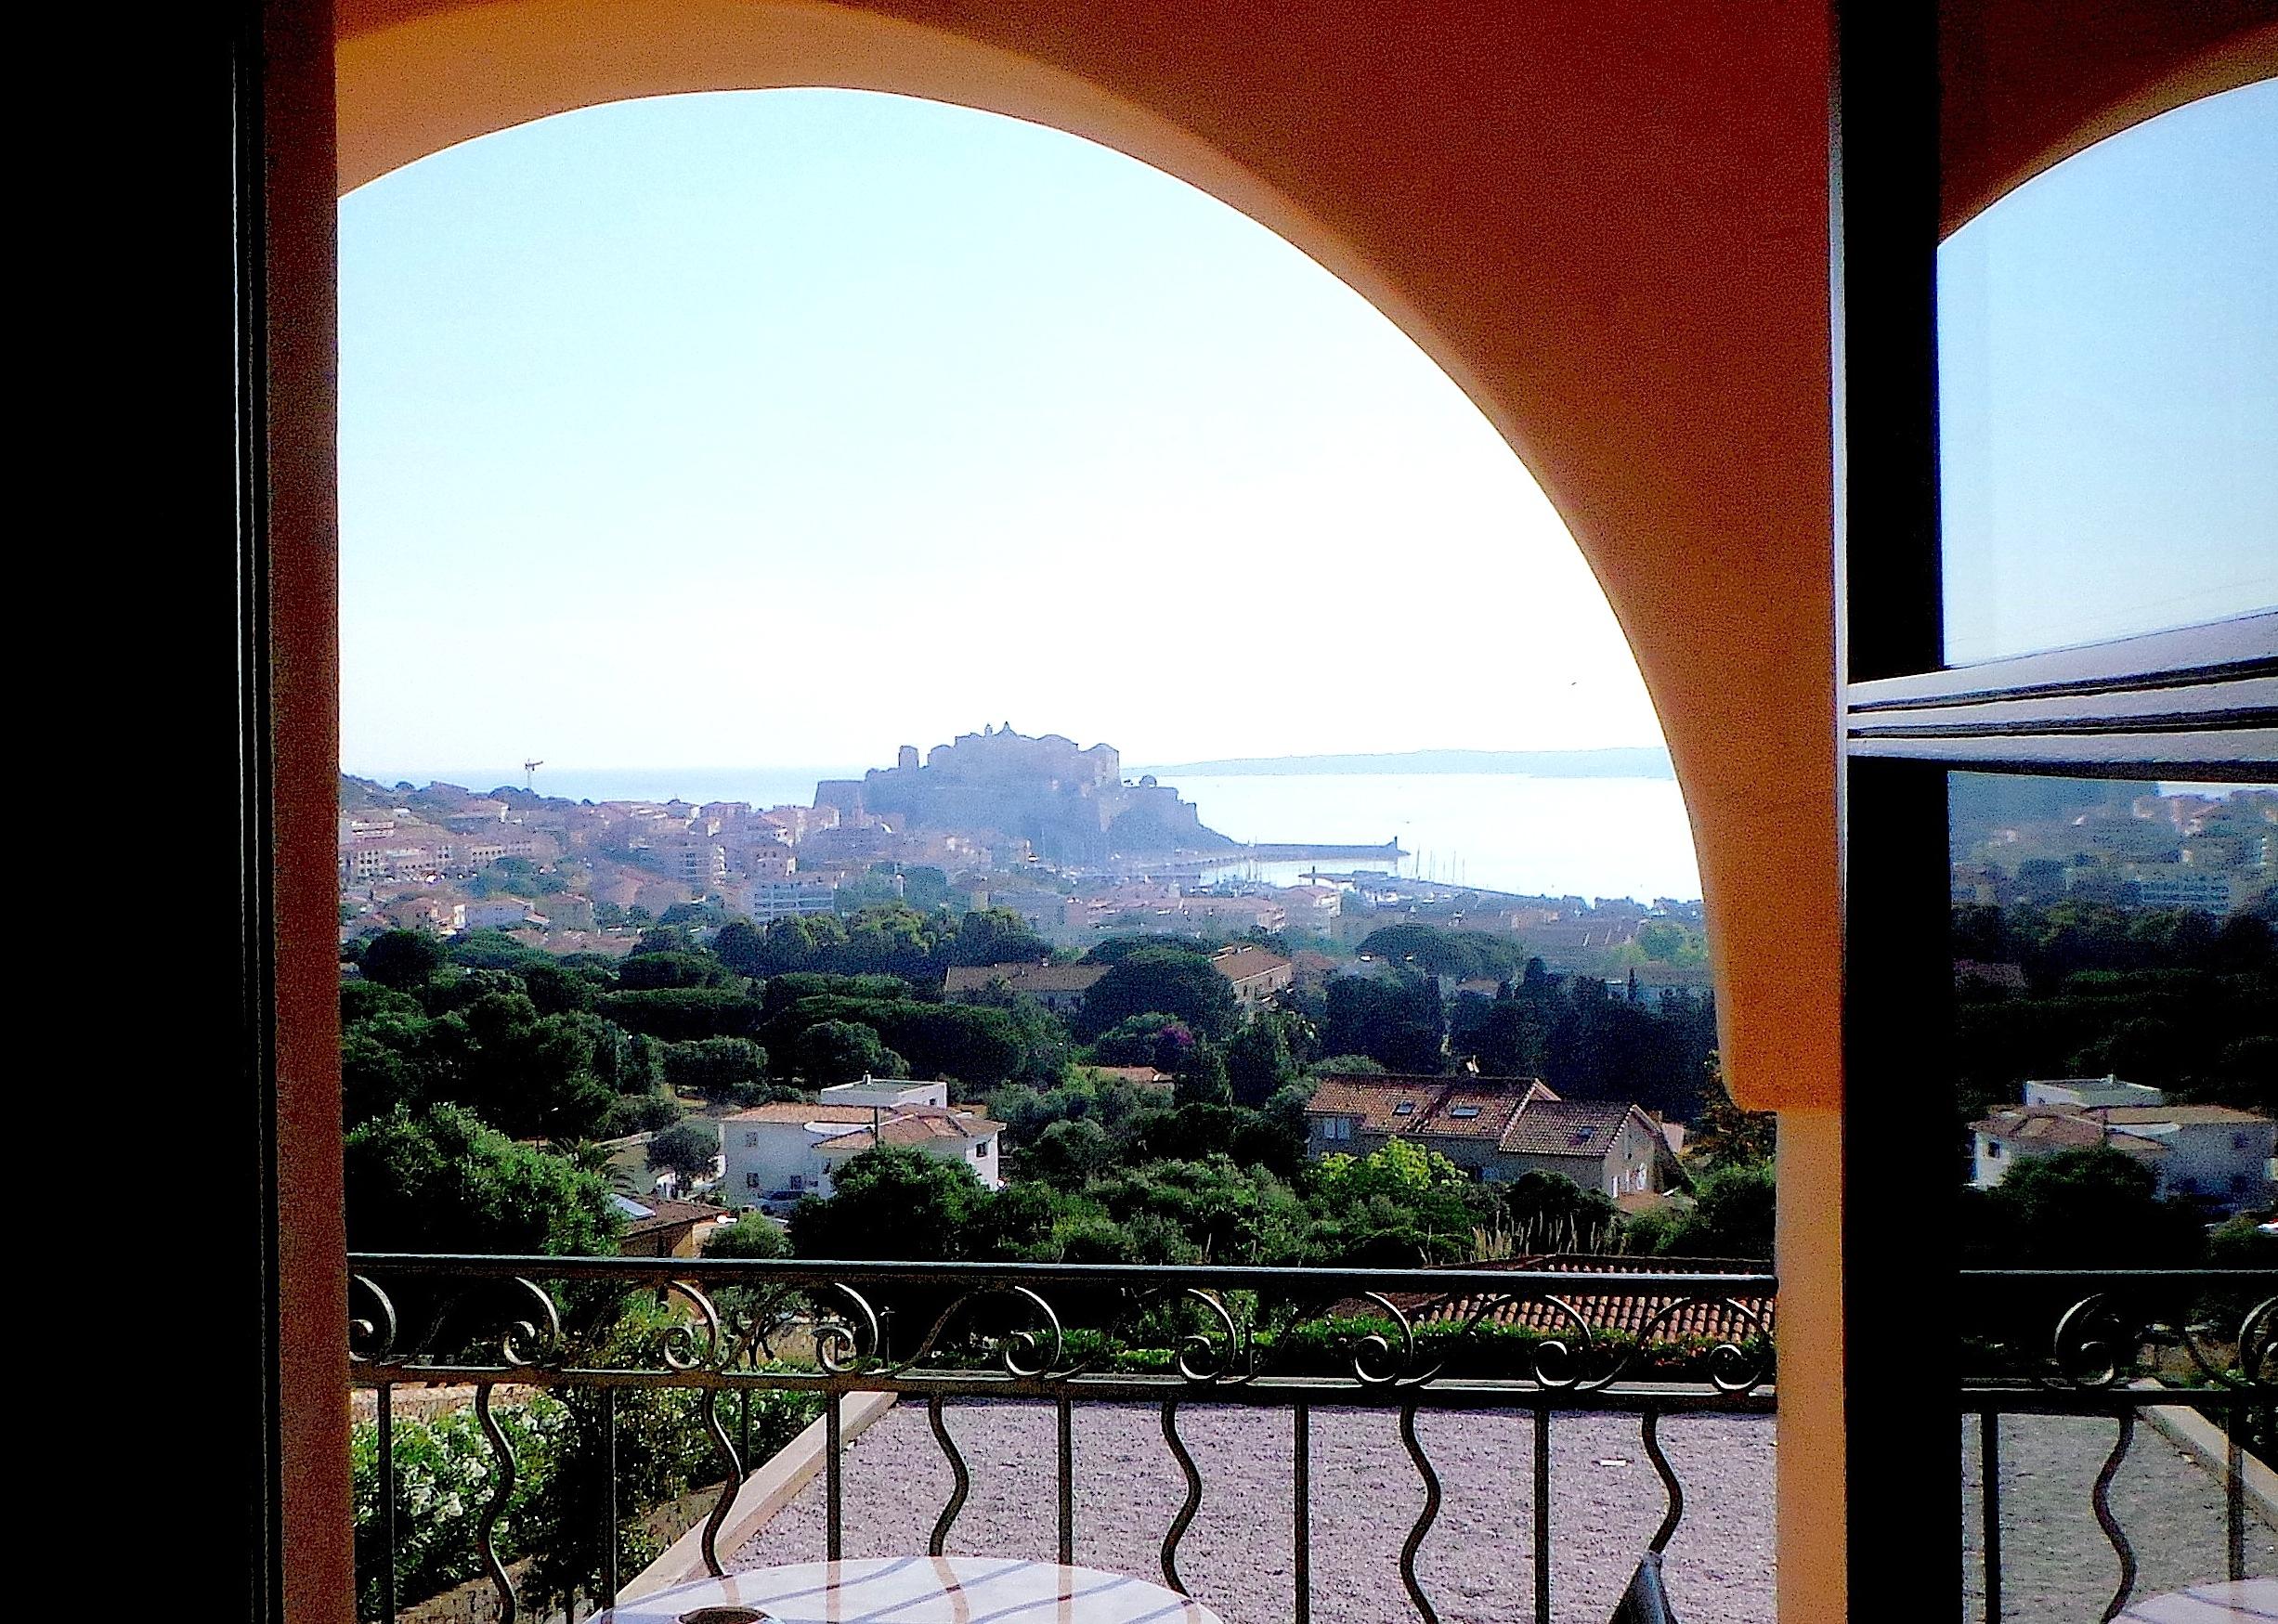 Recherches d'hôtels sur internet :  la Corse, dixième région préférée des Français